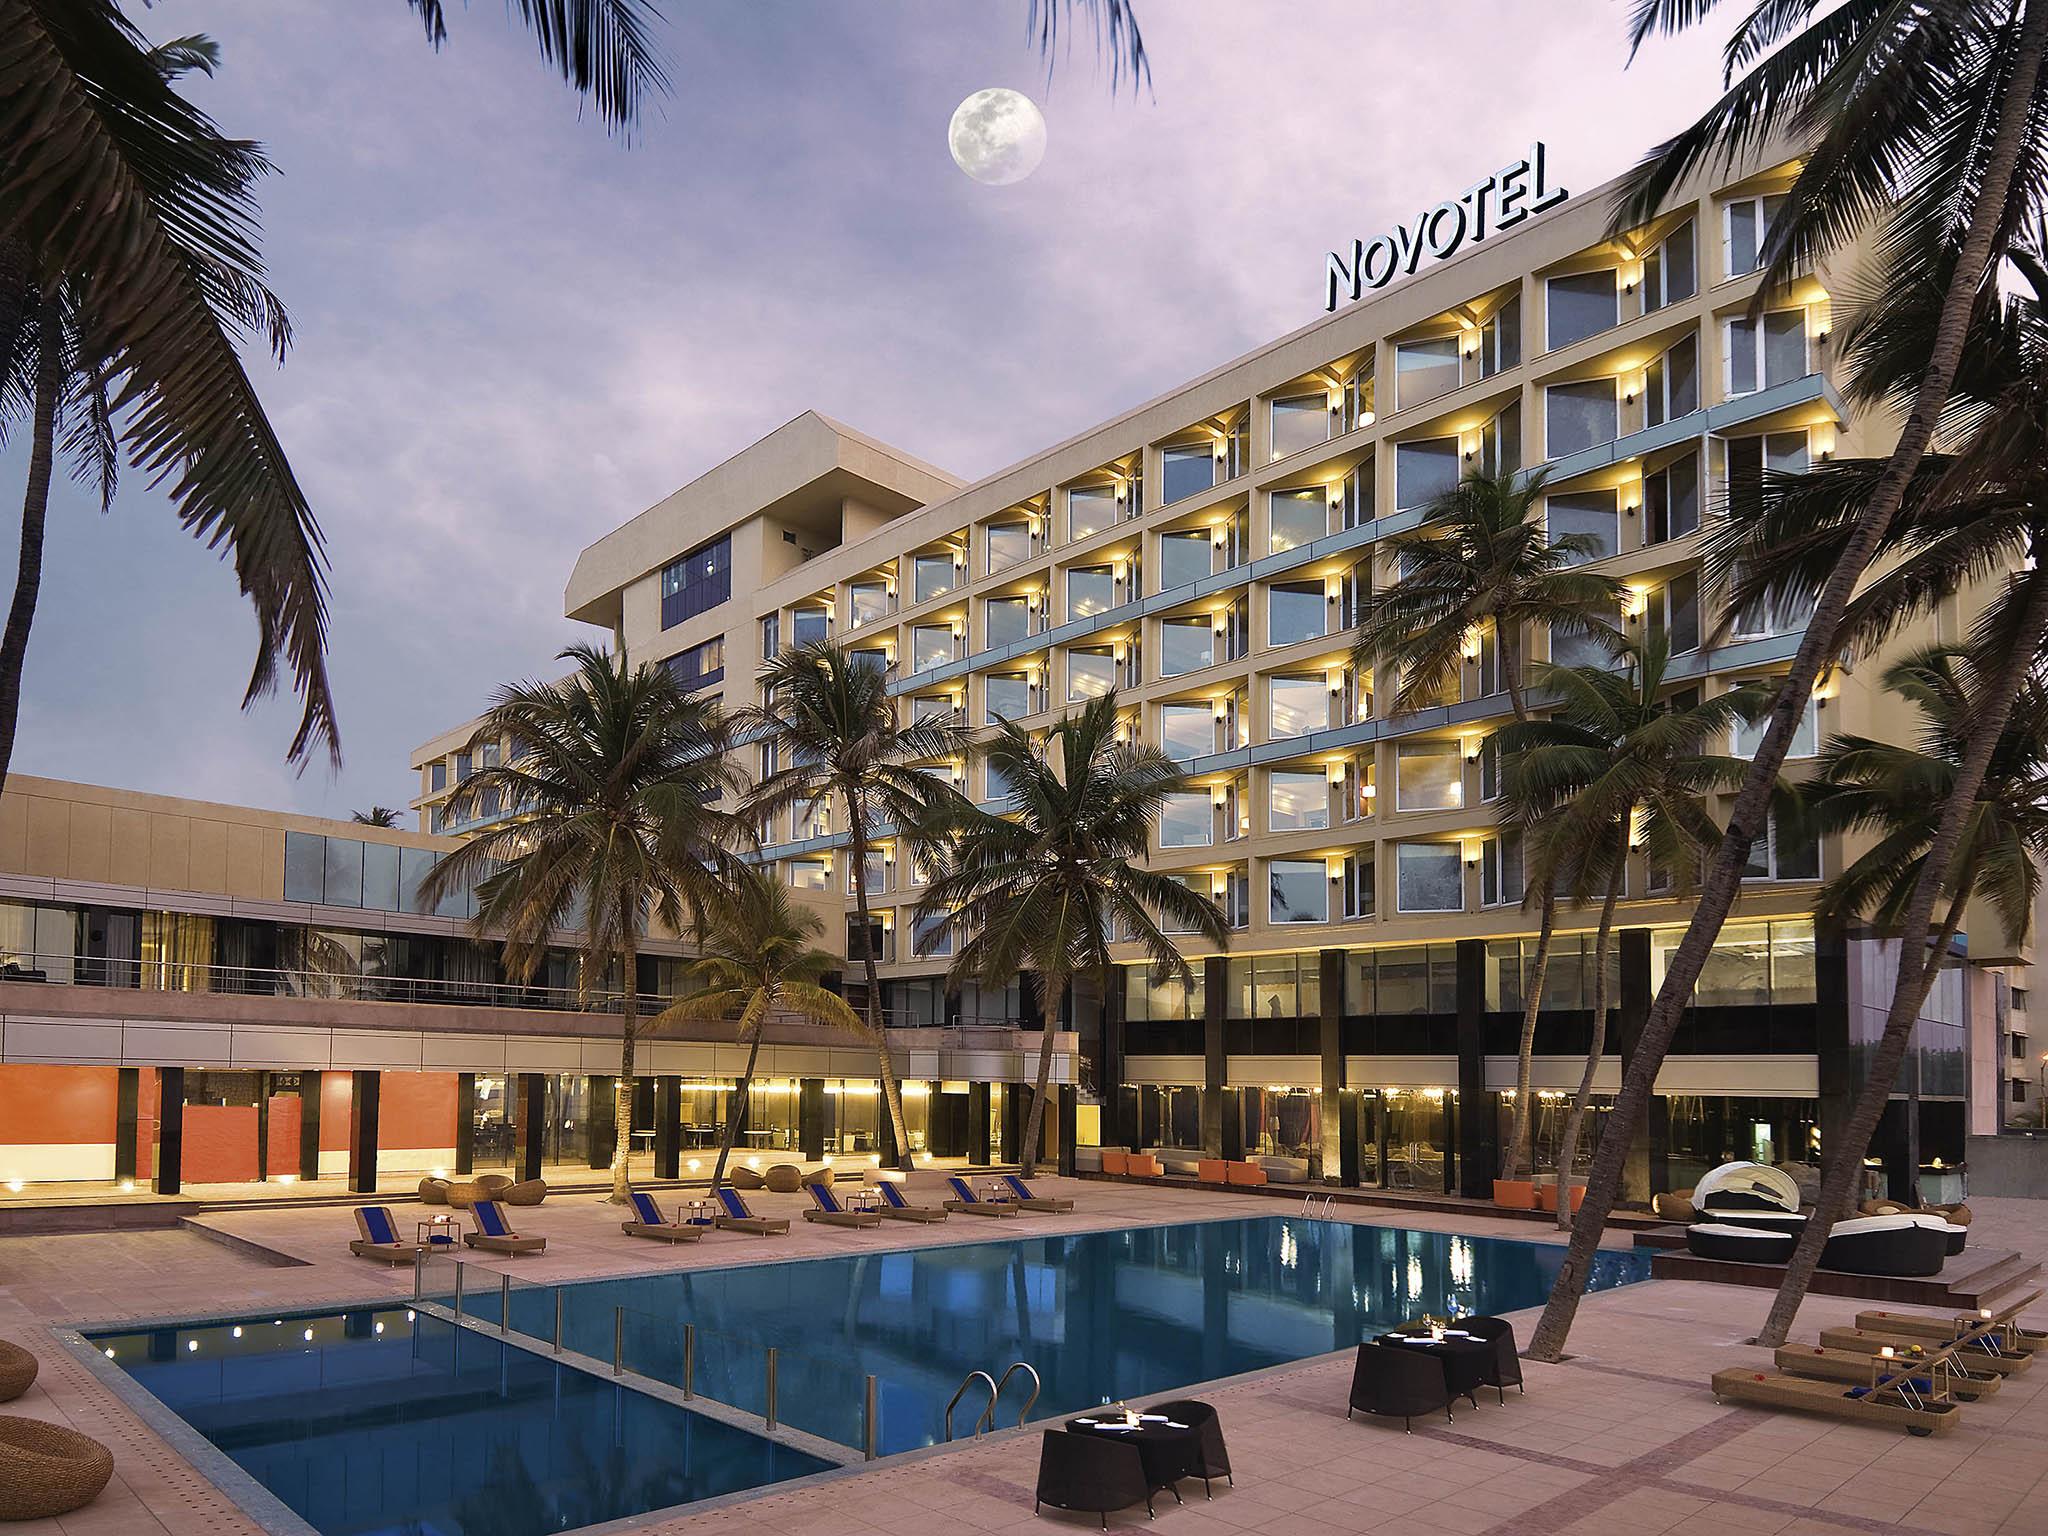 酒店 – 孟买珠瑚海滩诺富特酒店